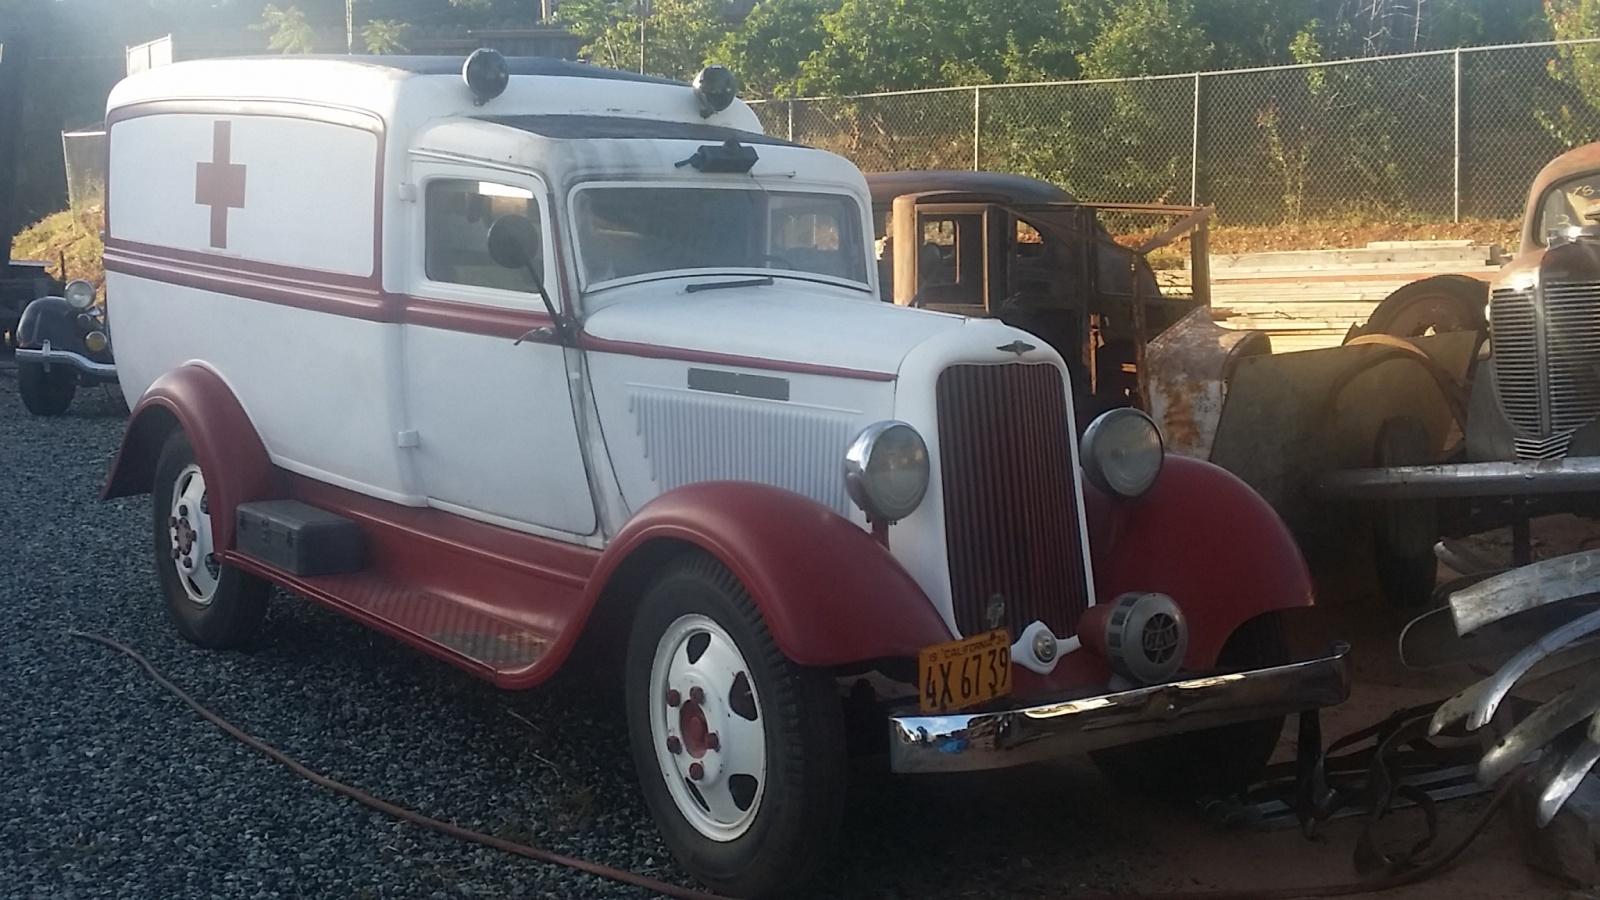 Craigslist Dodge Trucks For Sale Deliciouscrepesbistro Com